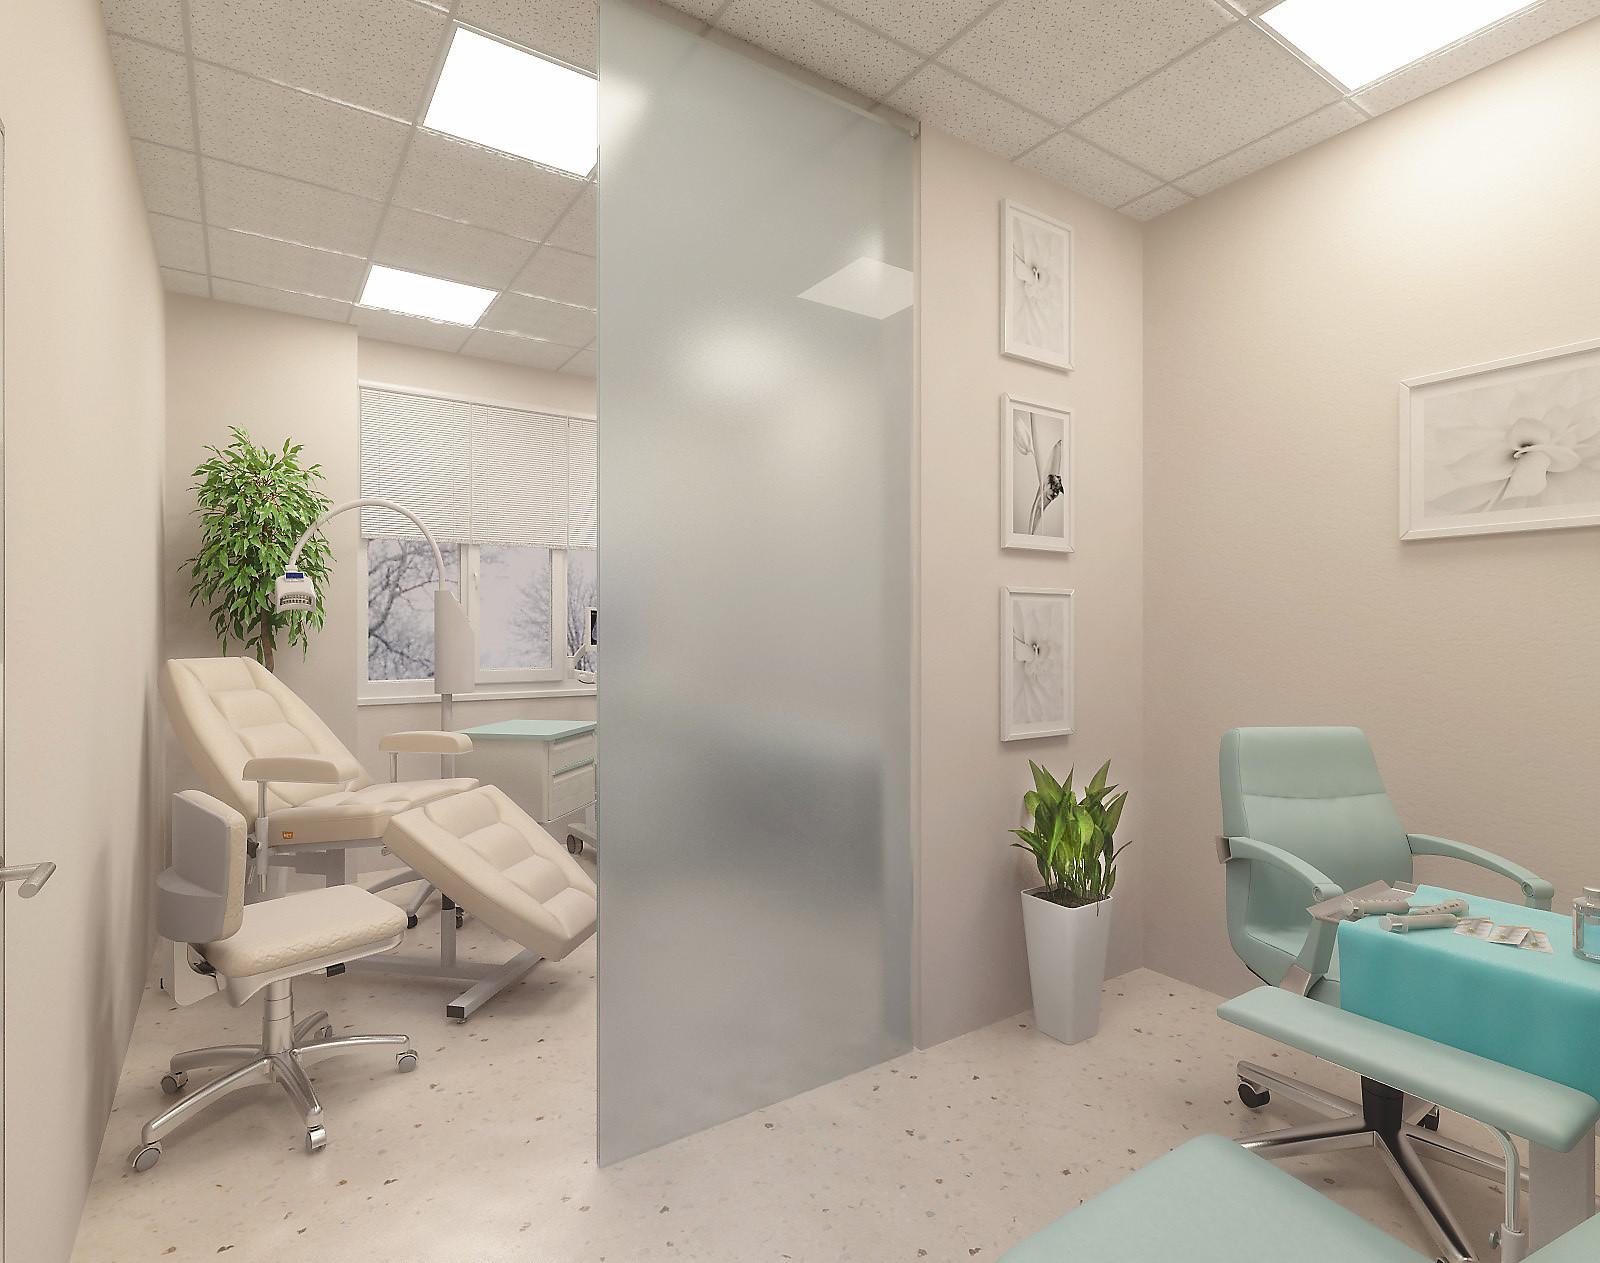 Частный медицинский кабинет